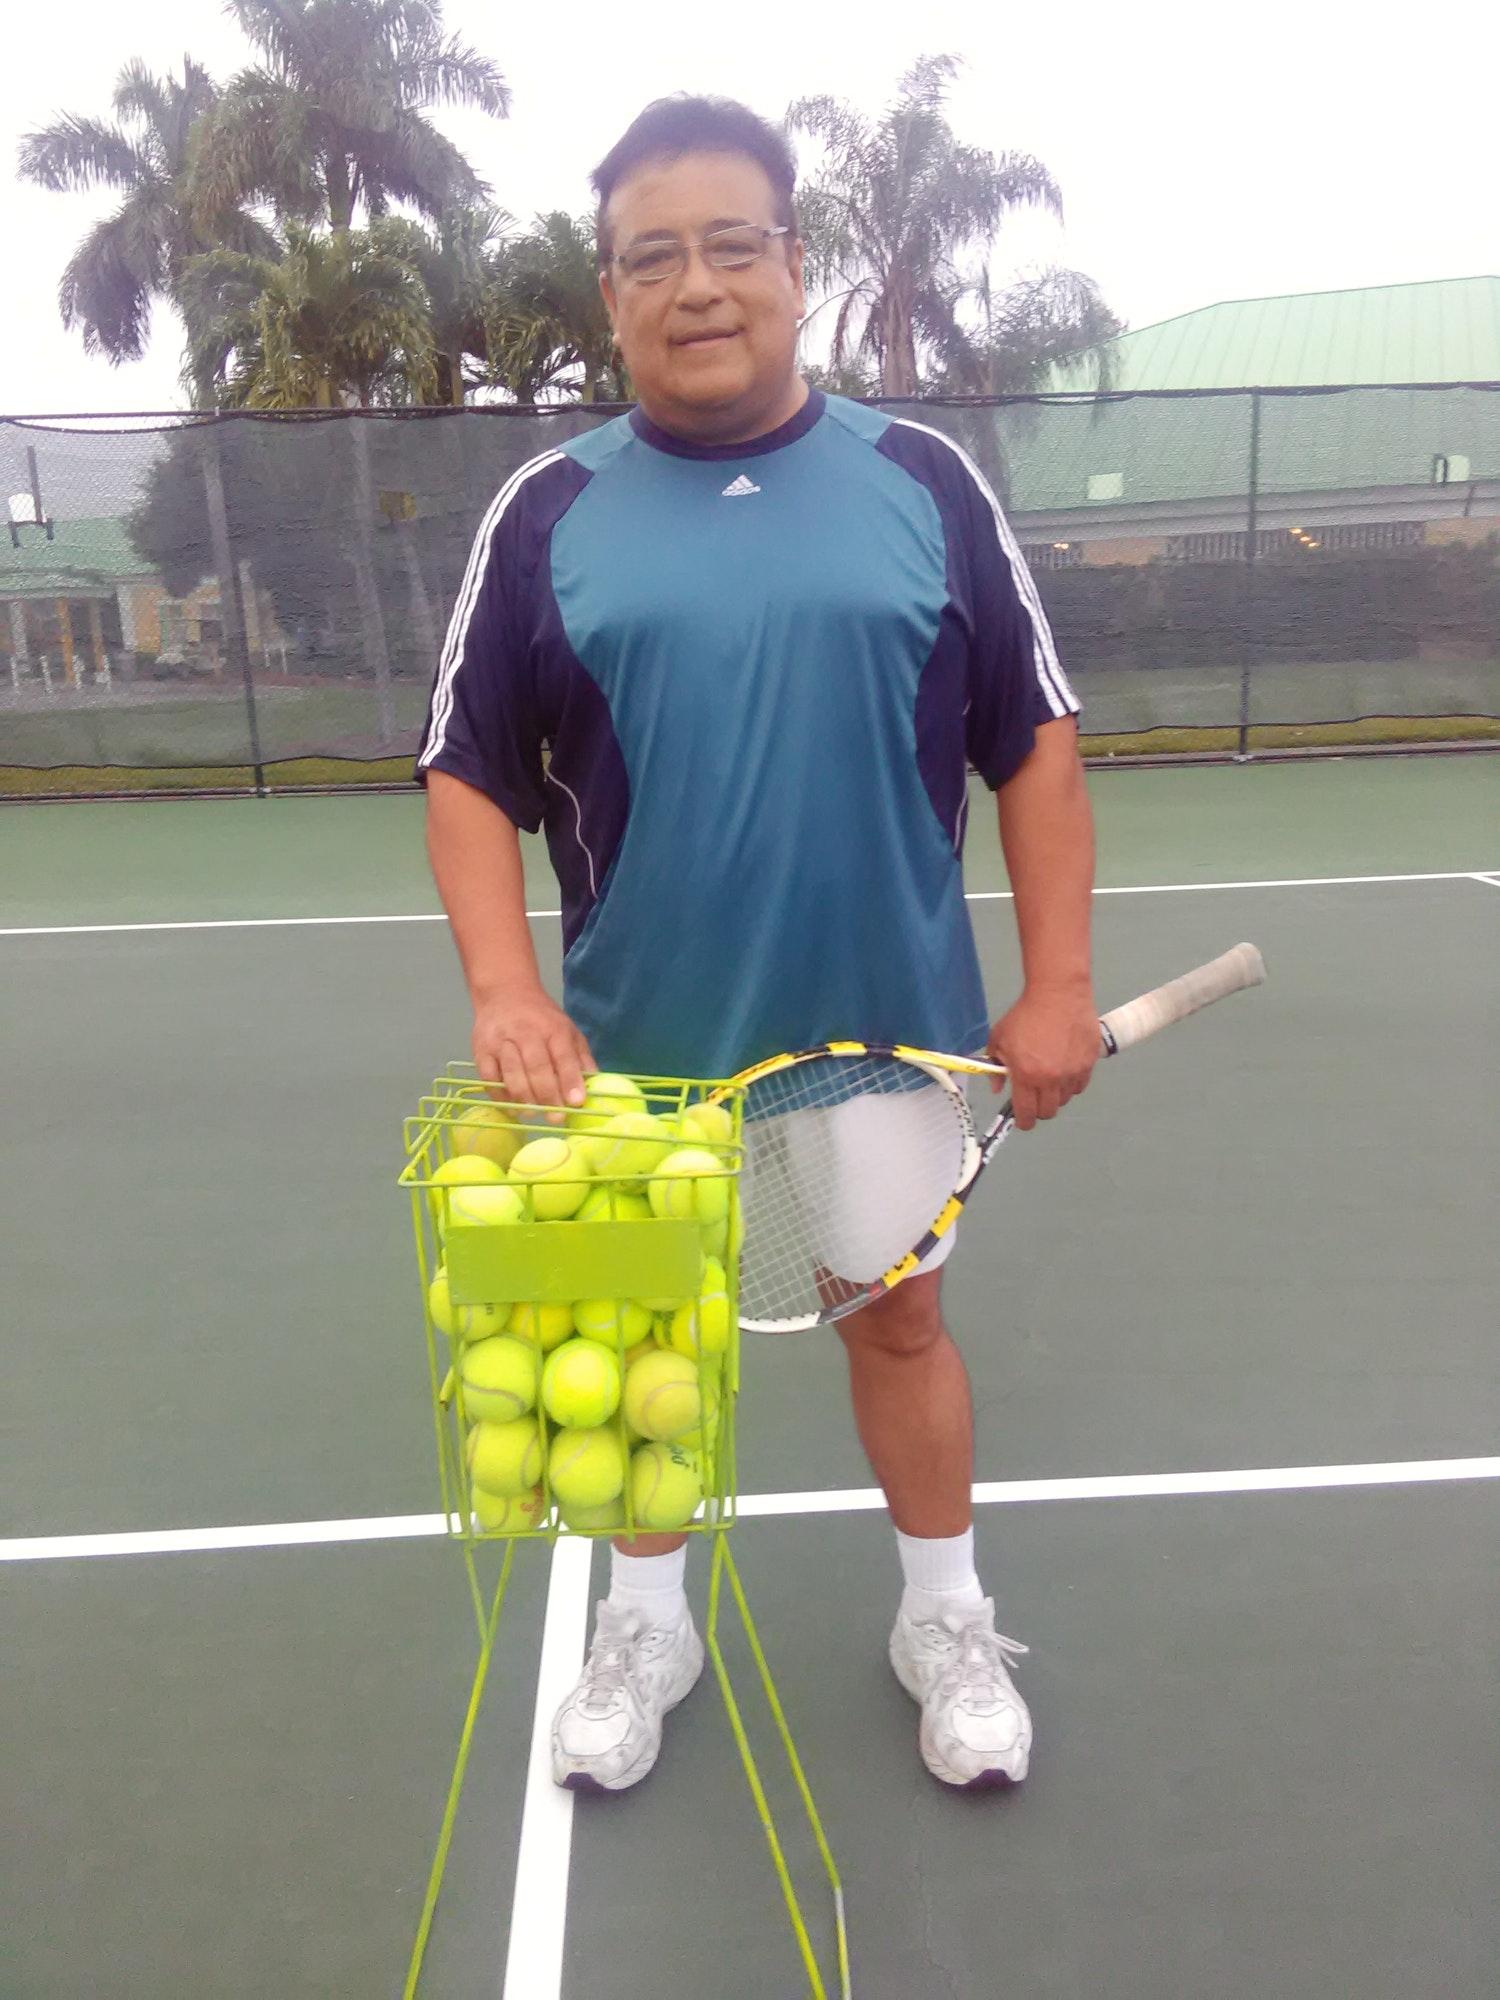 Jose X. teaches tennis lessons in Hialeah, FL